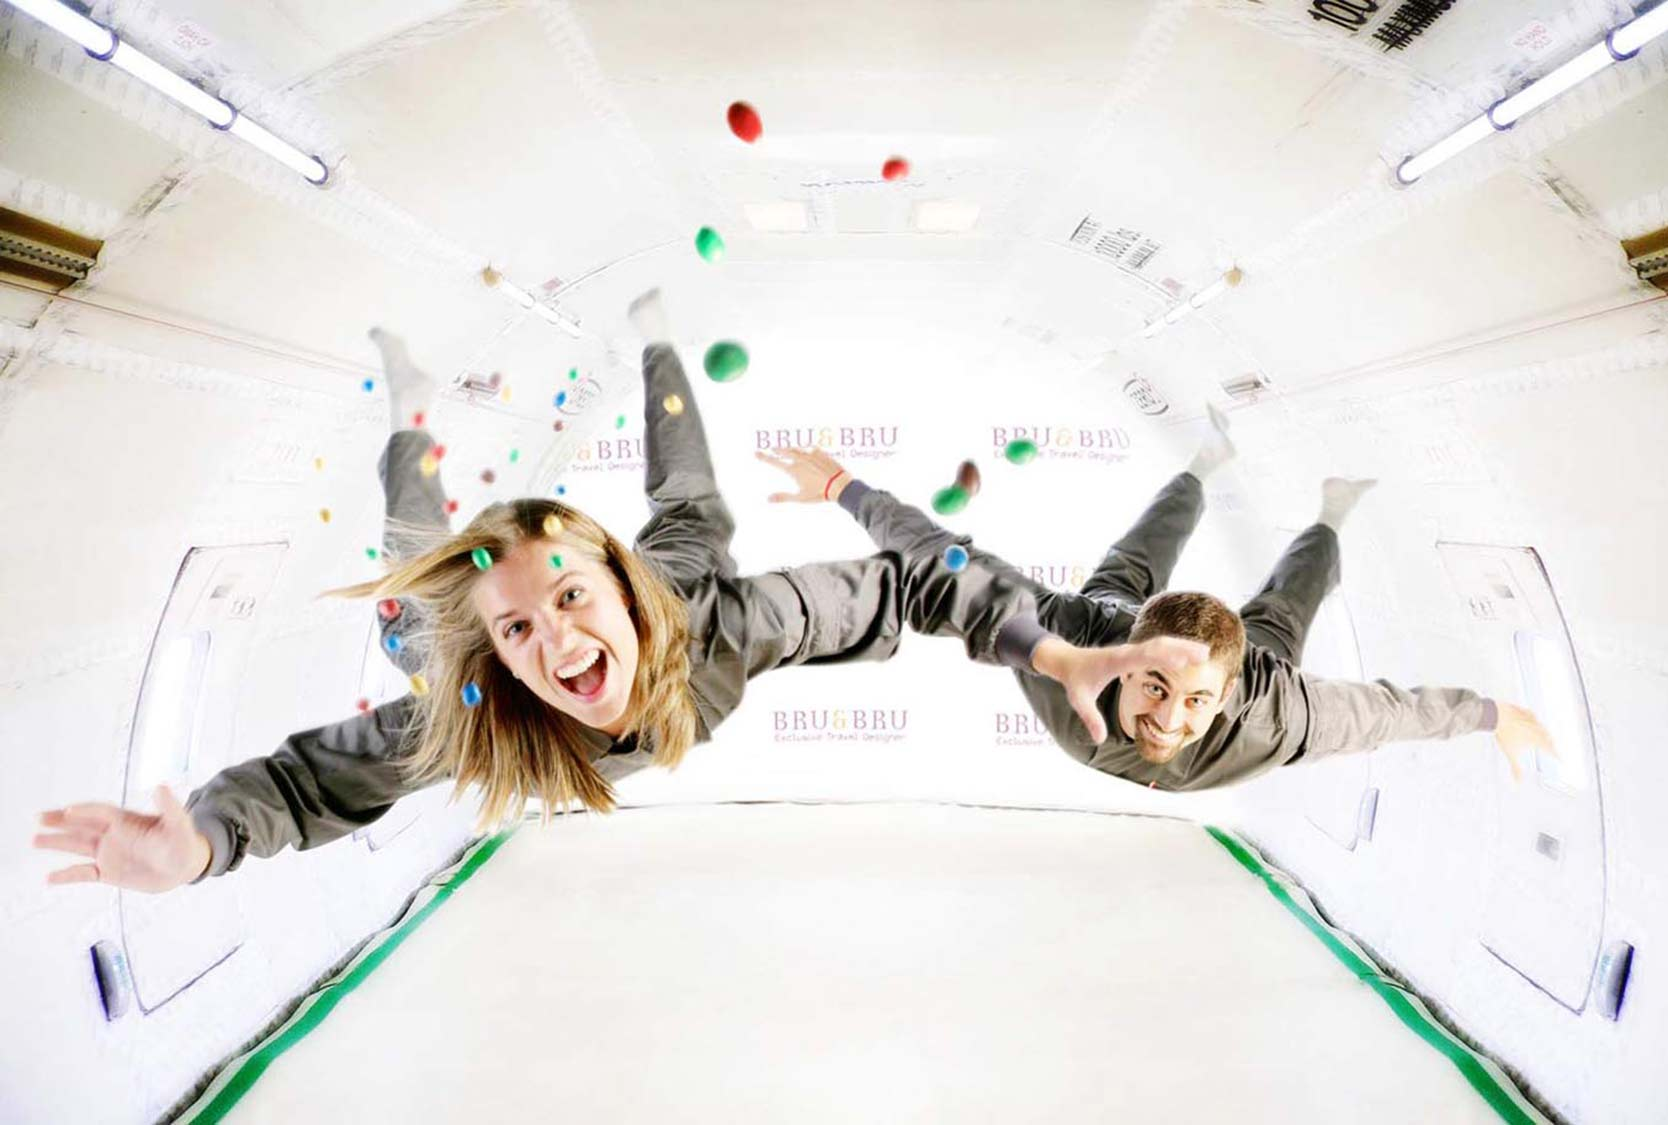 bru&bru gravity 0